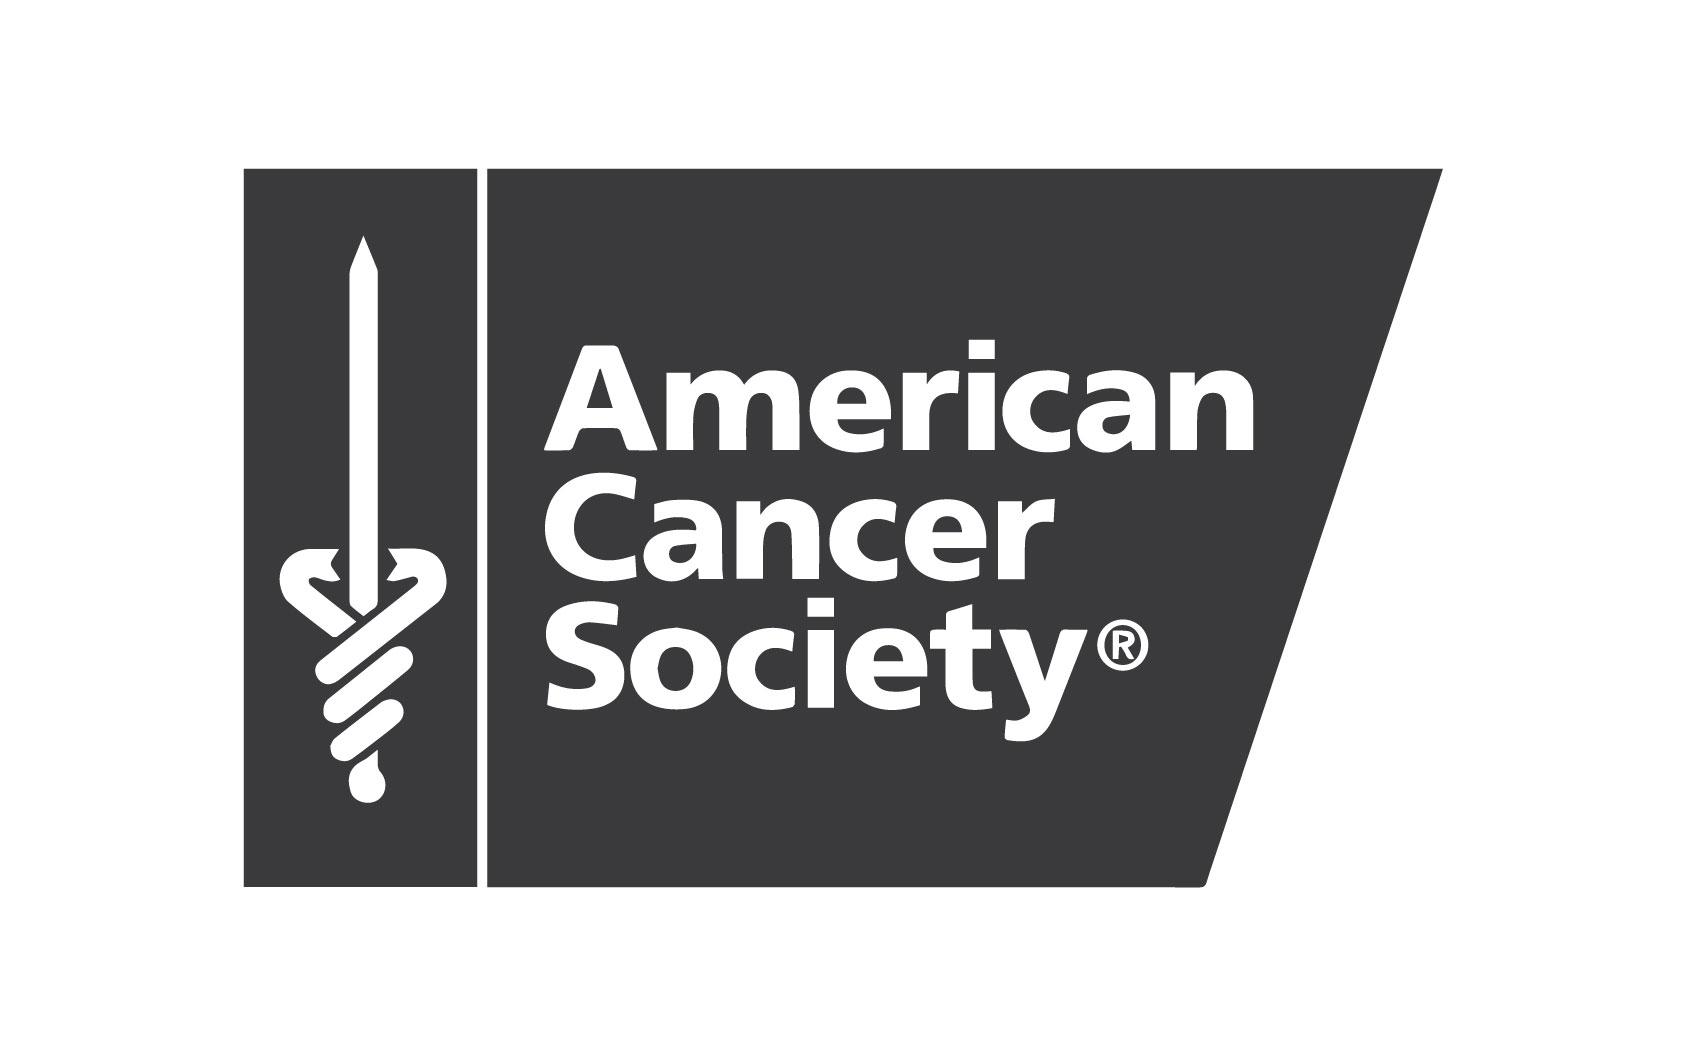 AmericanCancerSociety-01.jpg